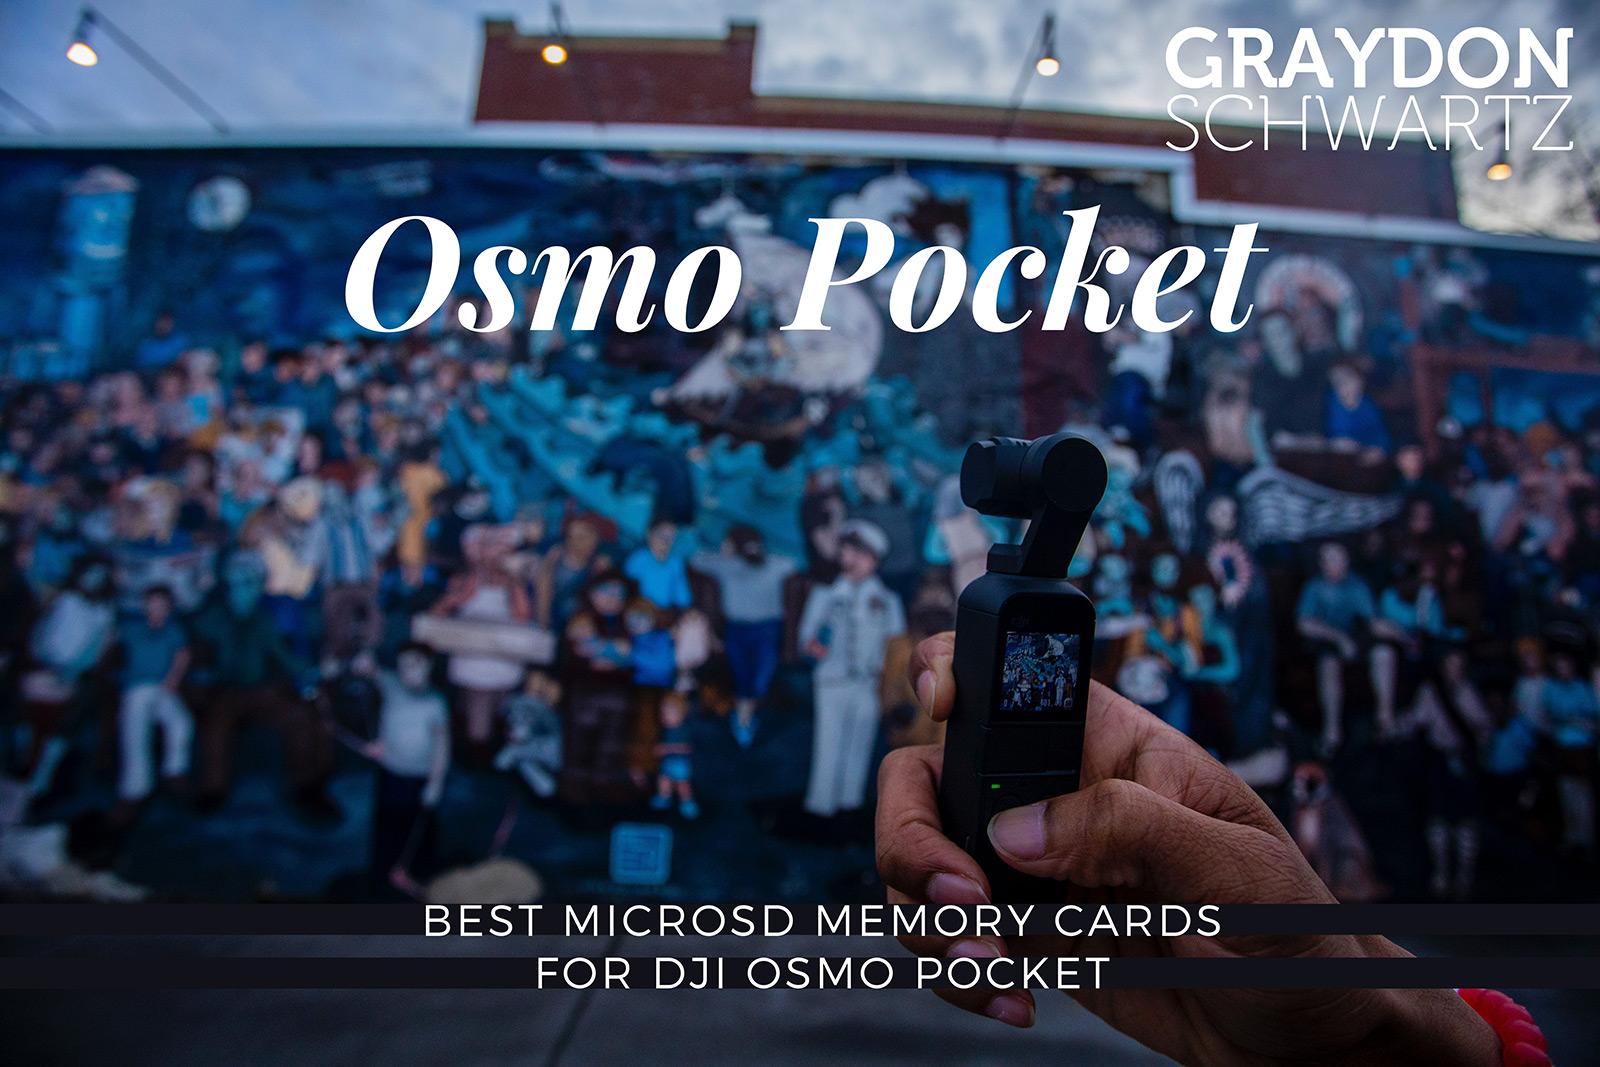 Best MicroSD Memory Cards for DJI Osmo Pocket